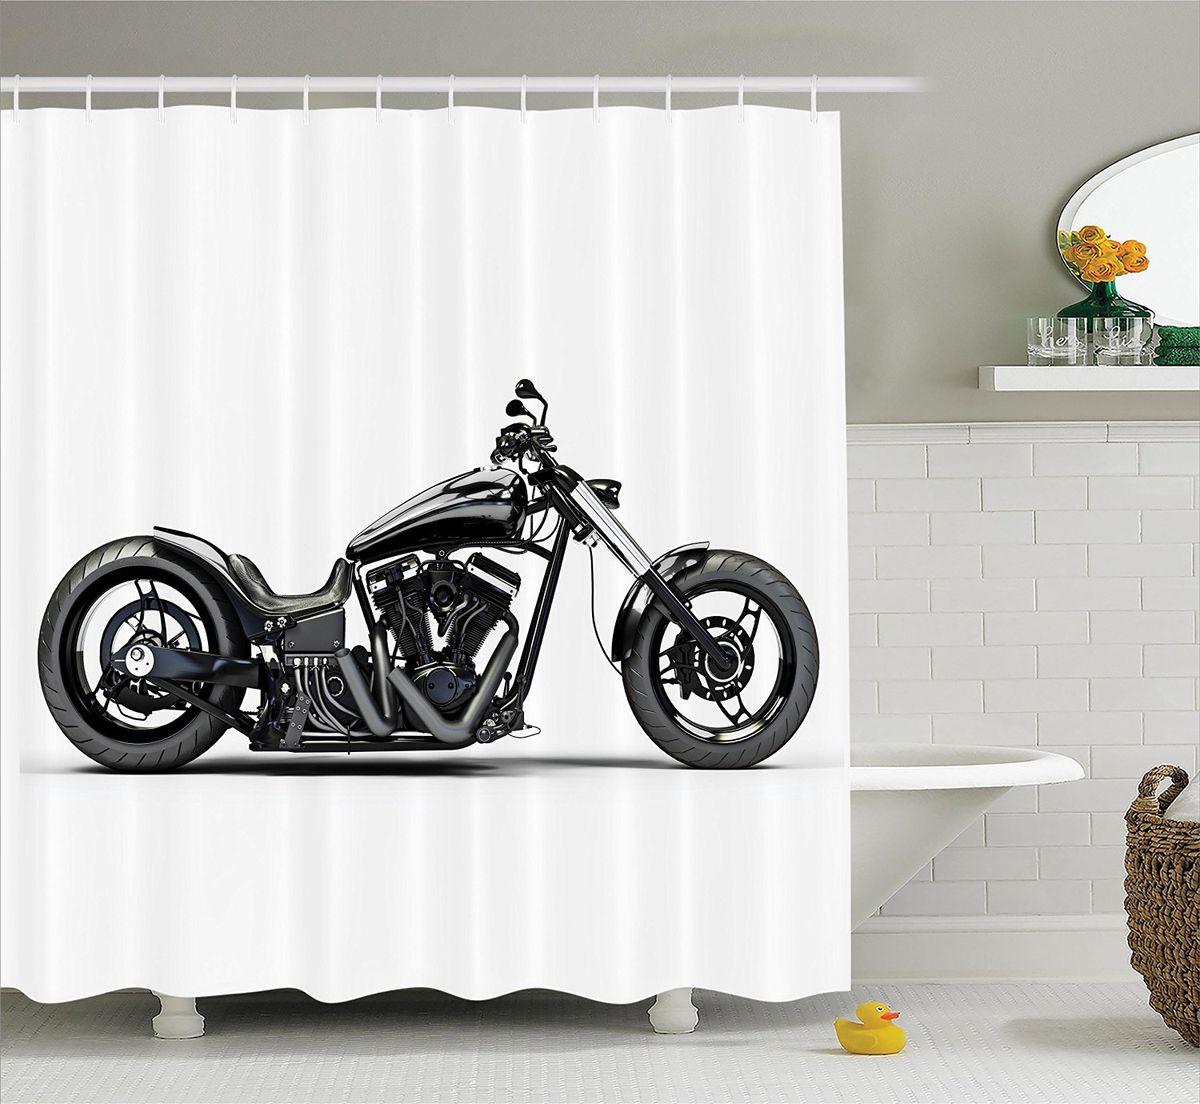 Штора для ванной комнаты Magic Lady Черный мотоцикл, 180 х 200 смшв__9937Штора Magic Lady Черный мотоцикл, изготовленная из высококачественного сатена (полиэстер 100%), отлично дополнит любой интерьер ванной комнаты. При изготовлении используются специальные гипоаллергенные чернила для прямой печати по ткани, безопасные для человека. В комплекте: 1 штора, 12 крючков. Обращаем ваше внимание, фактический цвет изделия может незначительно отличаться от представленного на фото.